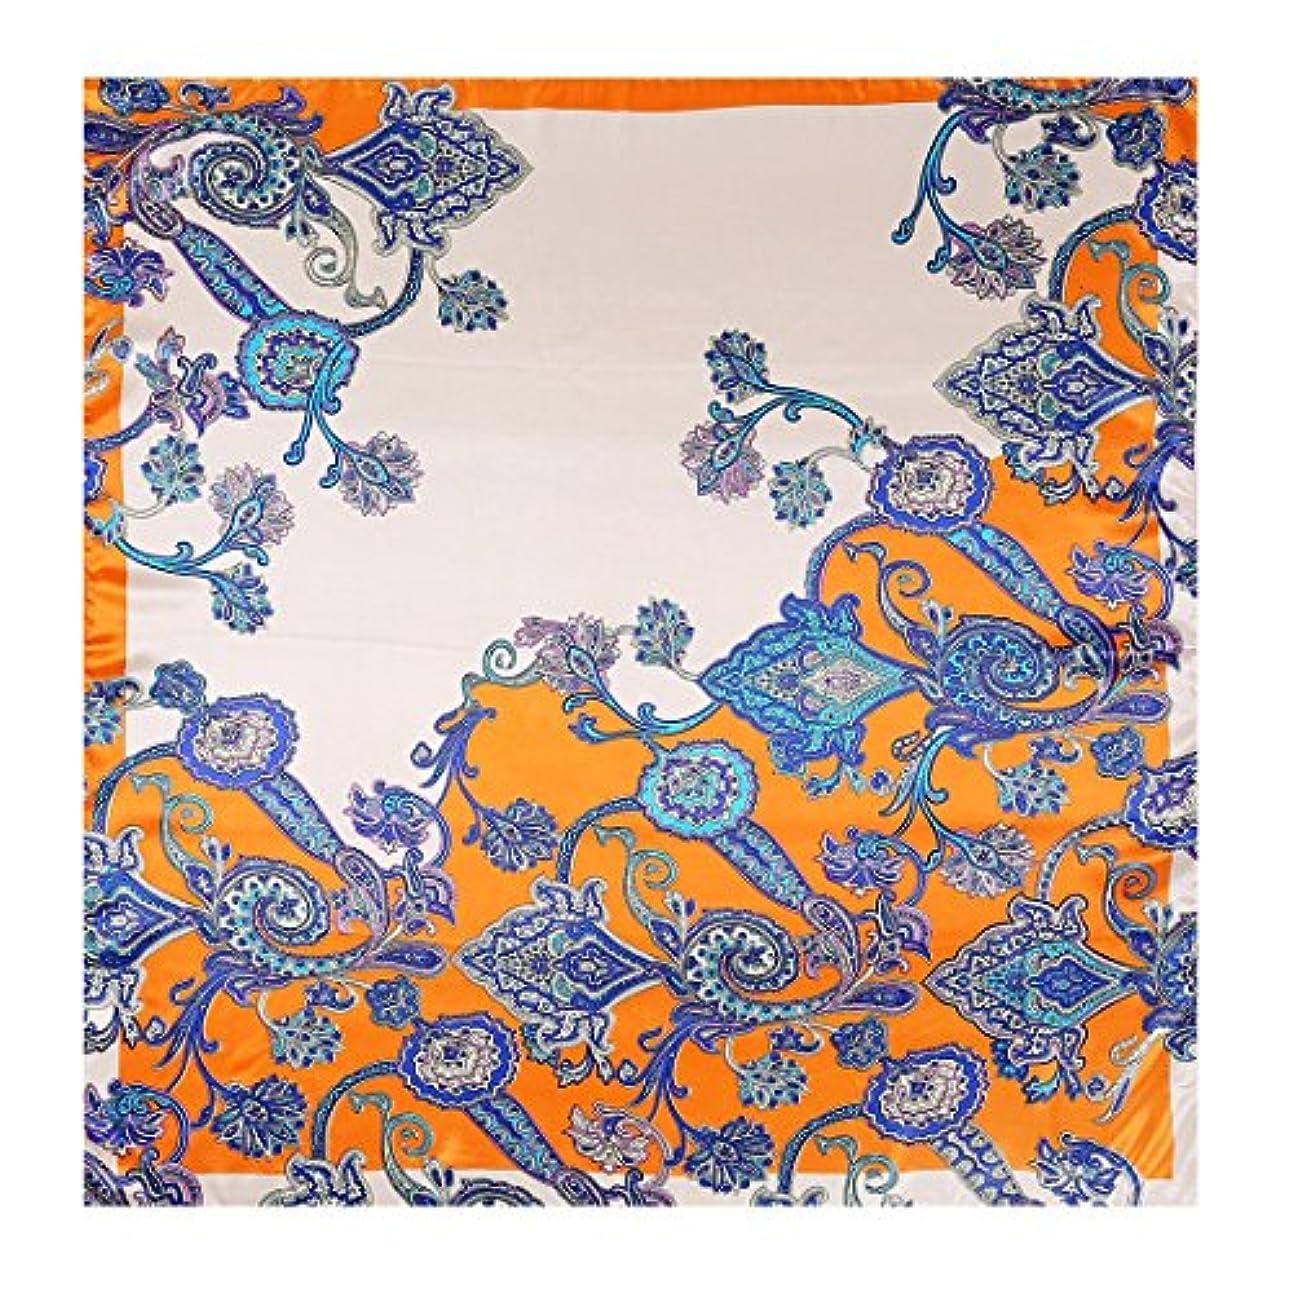 折証人酸素CATYAA カシューフラワークラシックサテンプリントスクエアタオルスカーフスカーフ女性のショール (Color : イエロー, サイズ : 90 * 90cm)